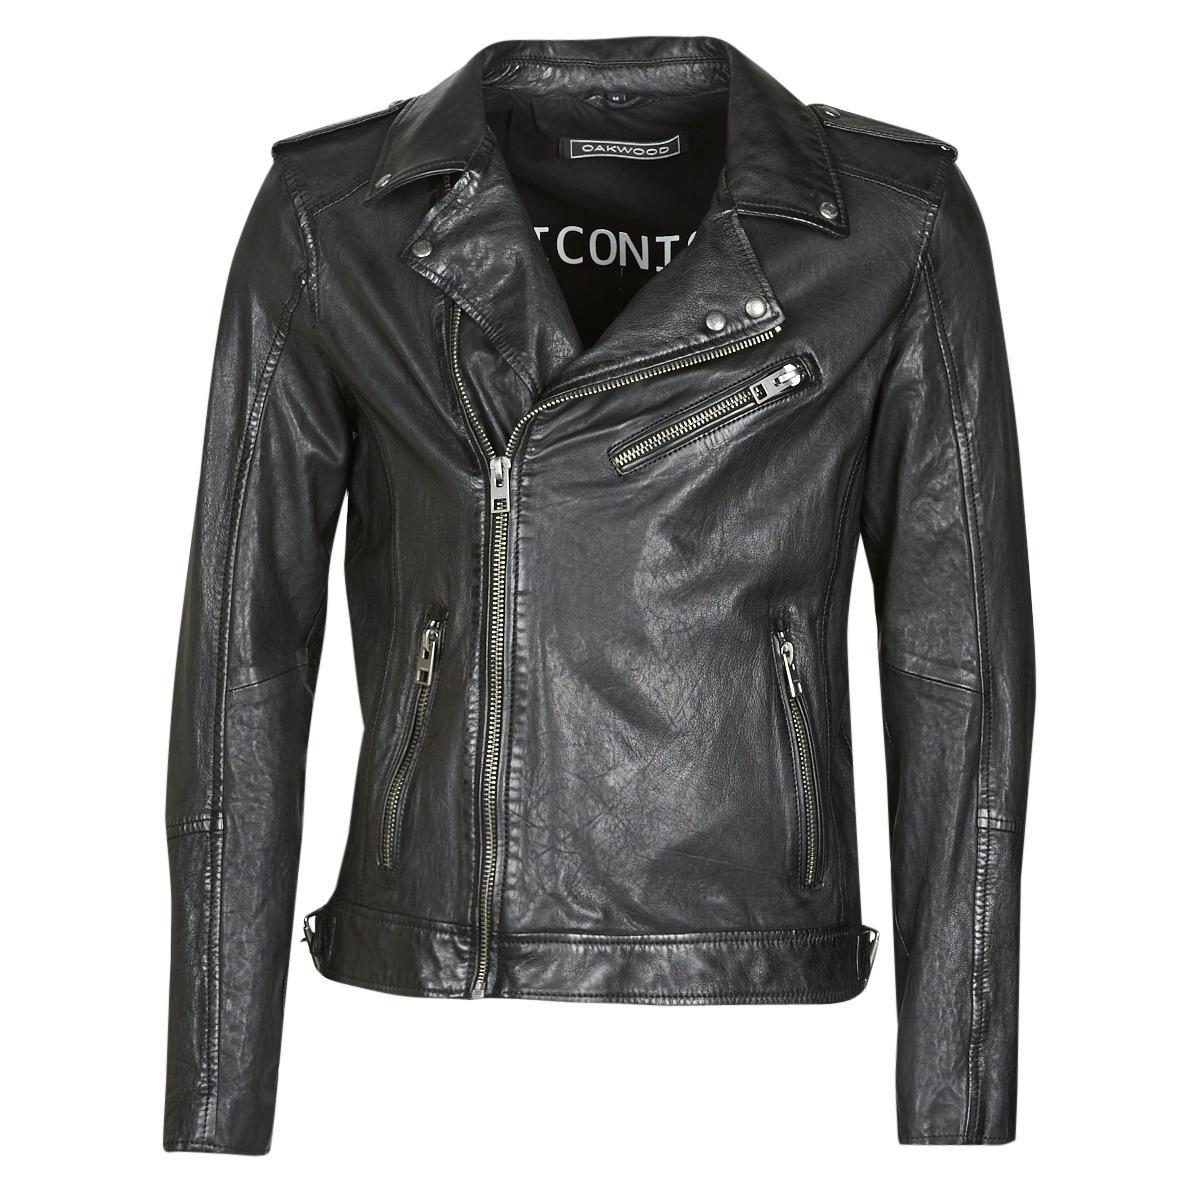 oakwood men's fashion casual leather jacket short leather jacket autumn black 63600-0501